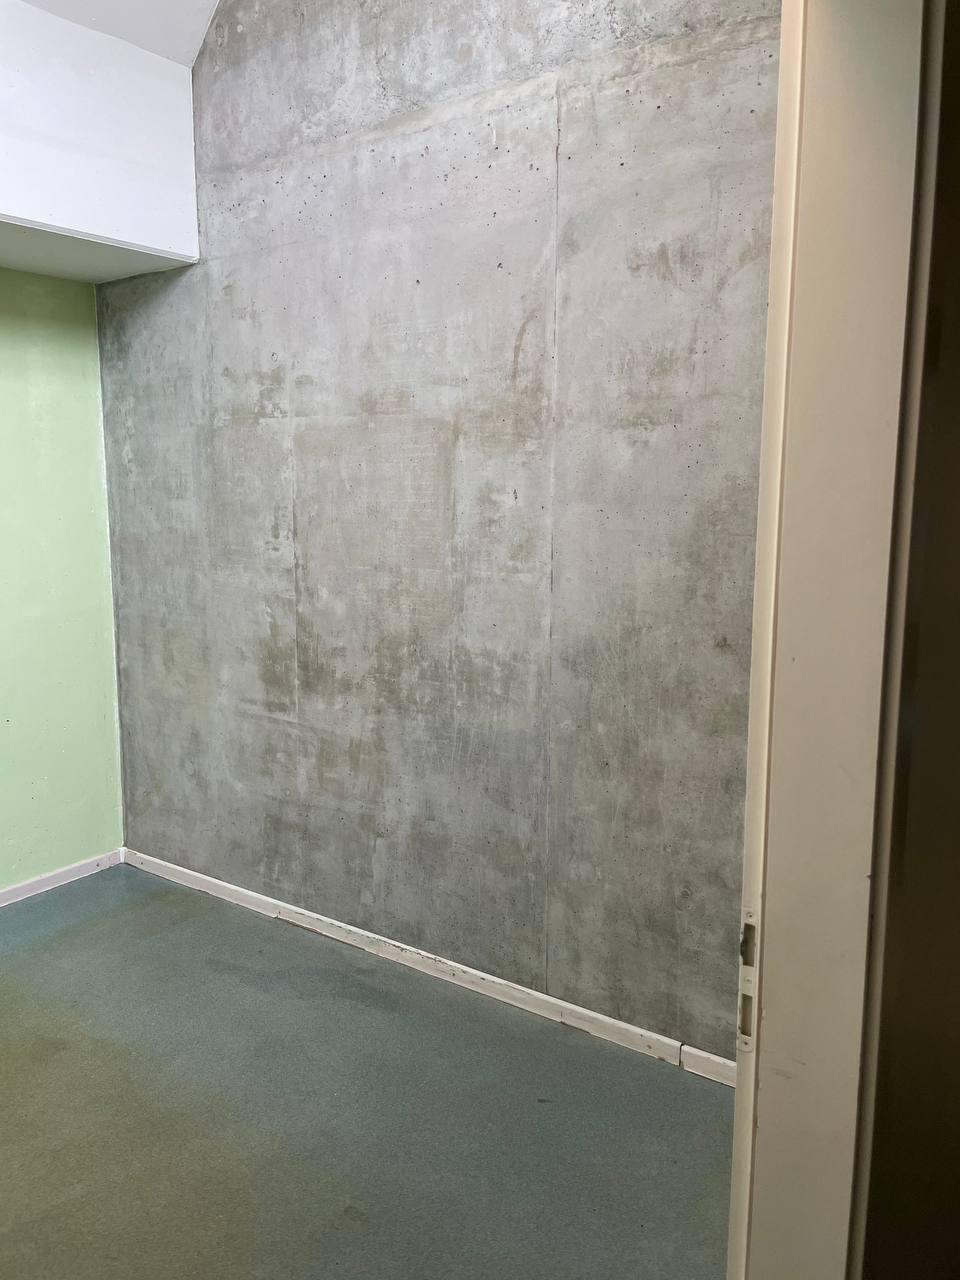 Travaux terminés, le mur béton retrouve son aspect d'origine